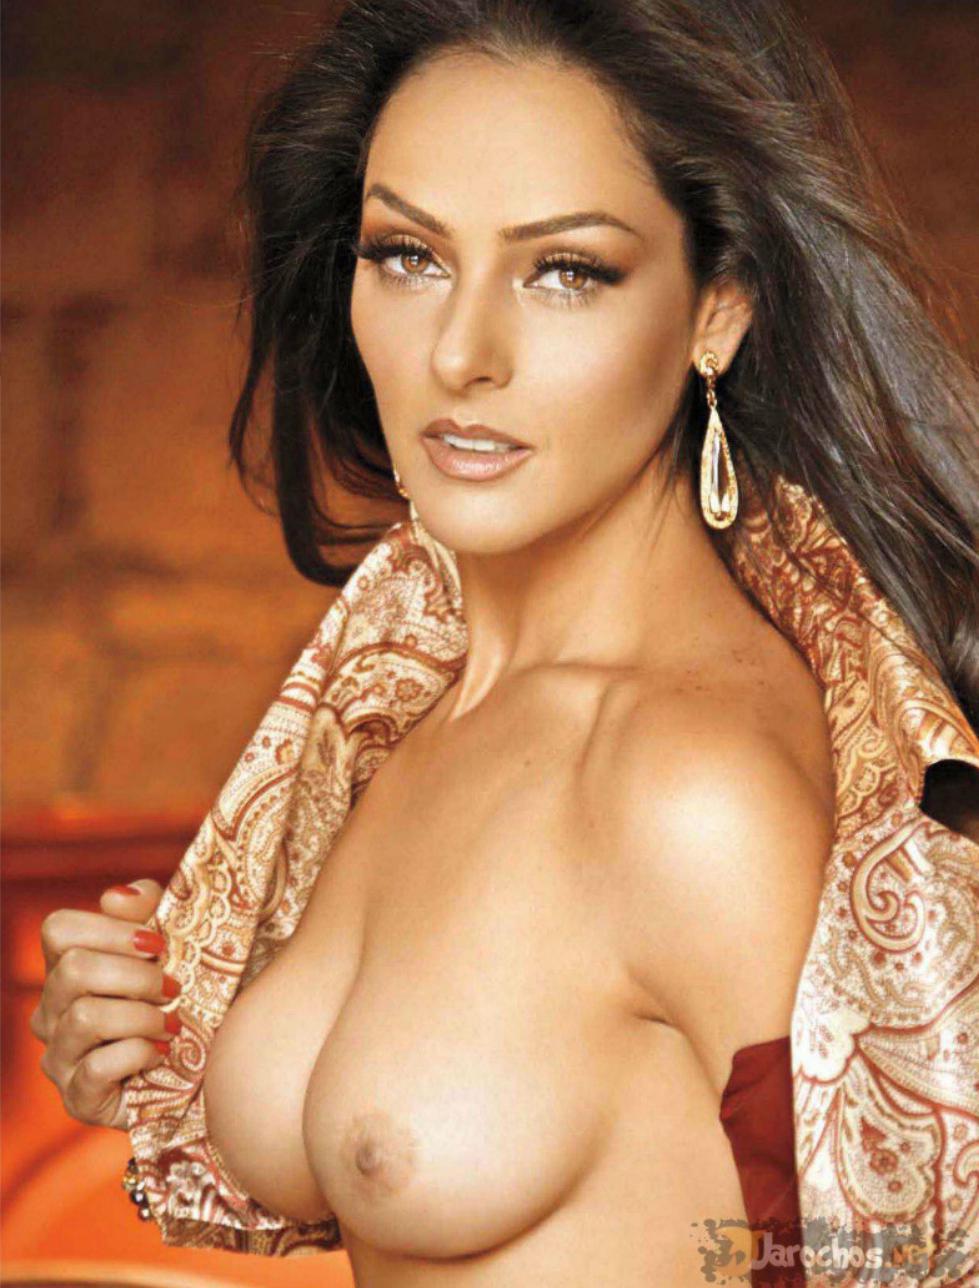 Andrea Garcia desnudas vídeos